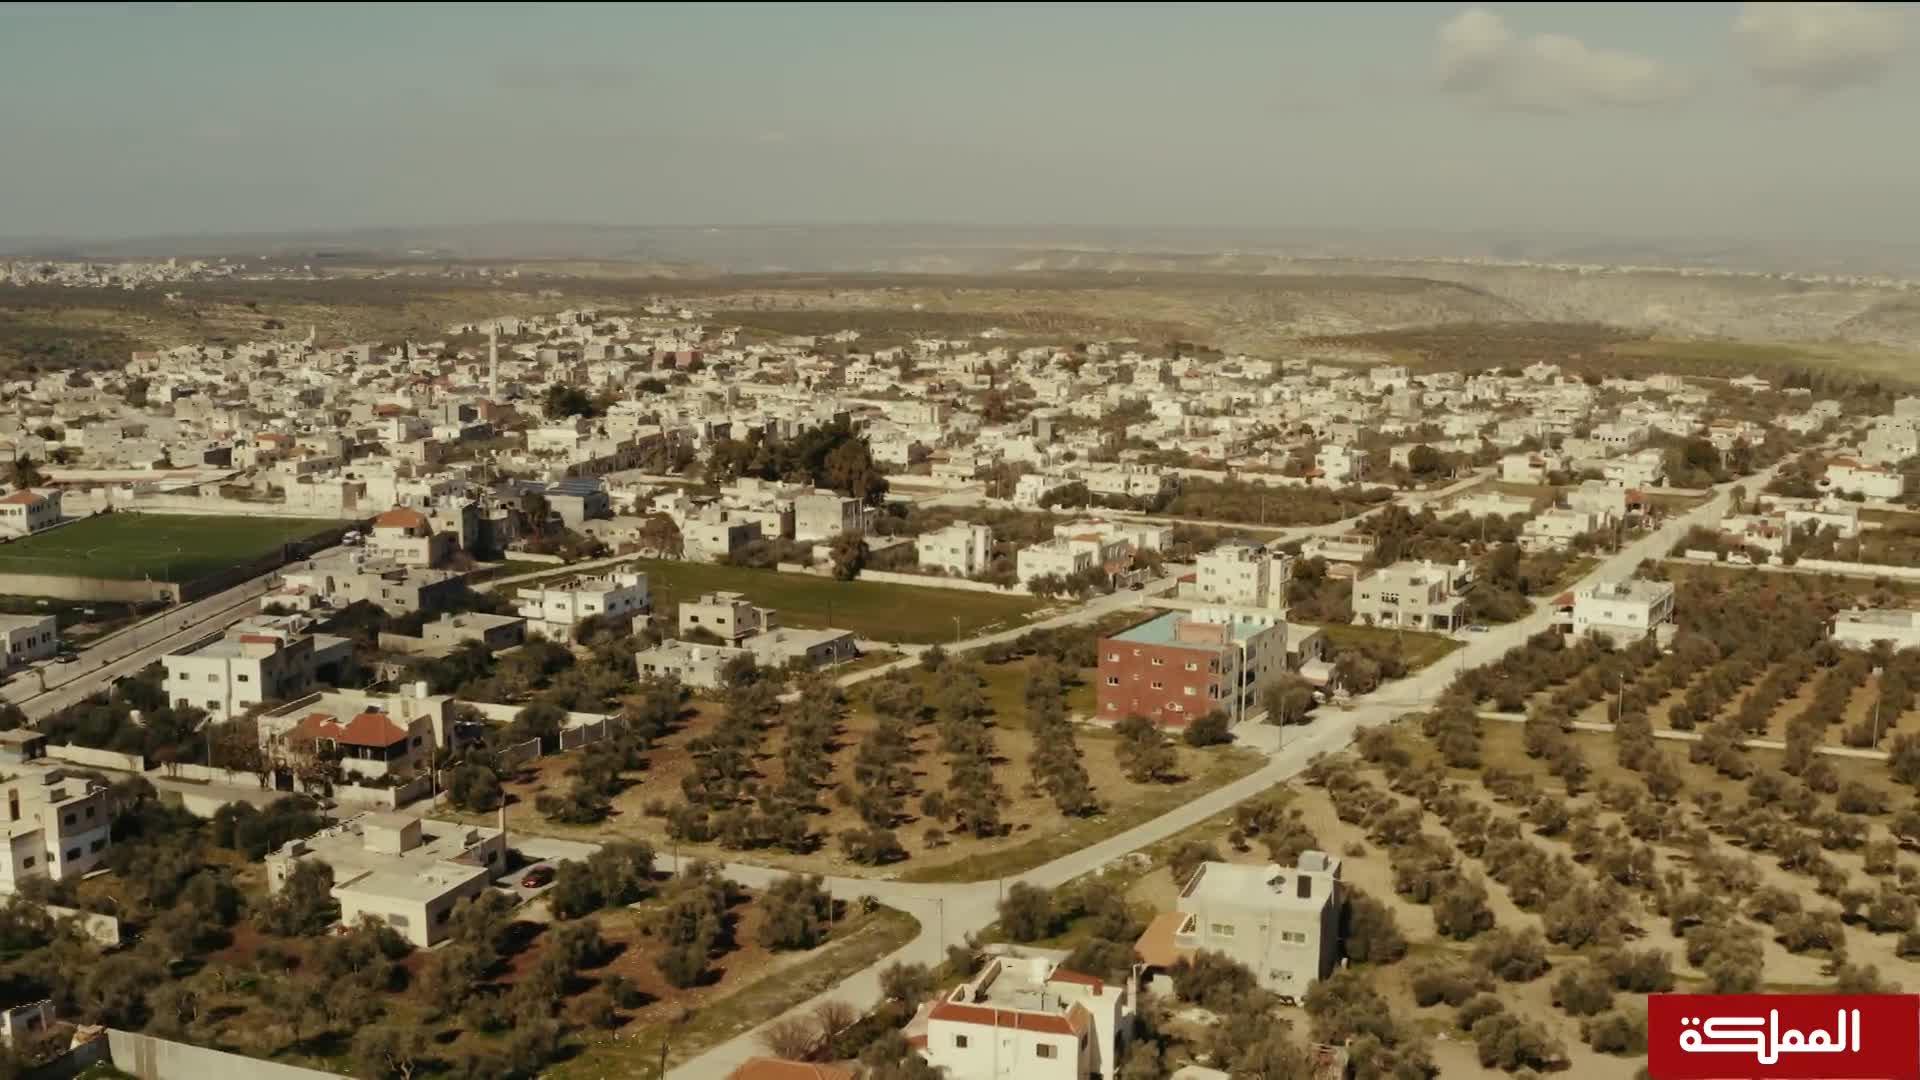 بوح القرى | قرية كفر سوم